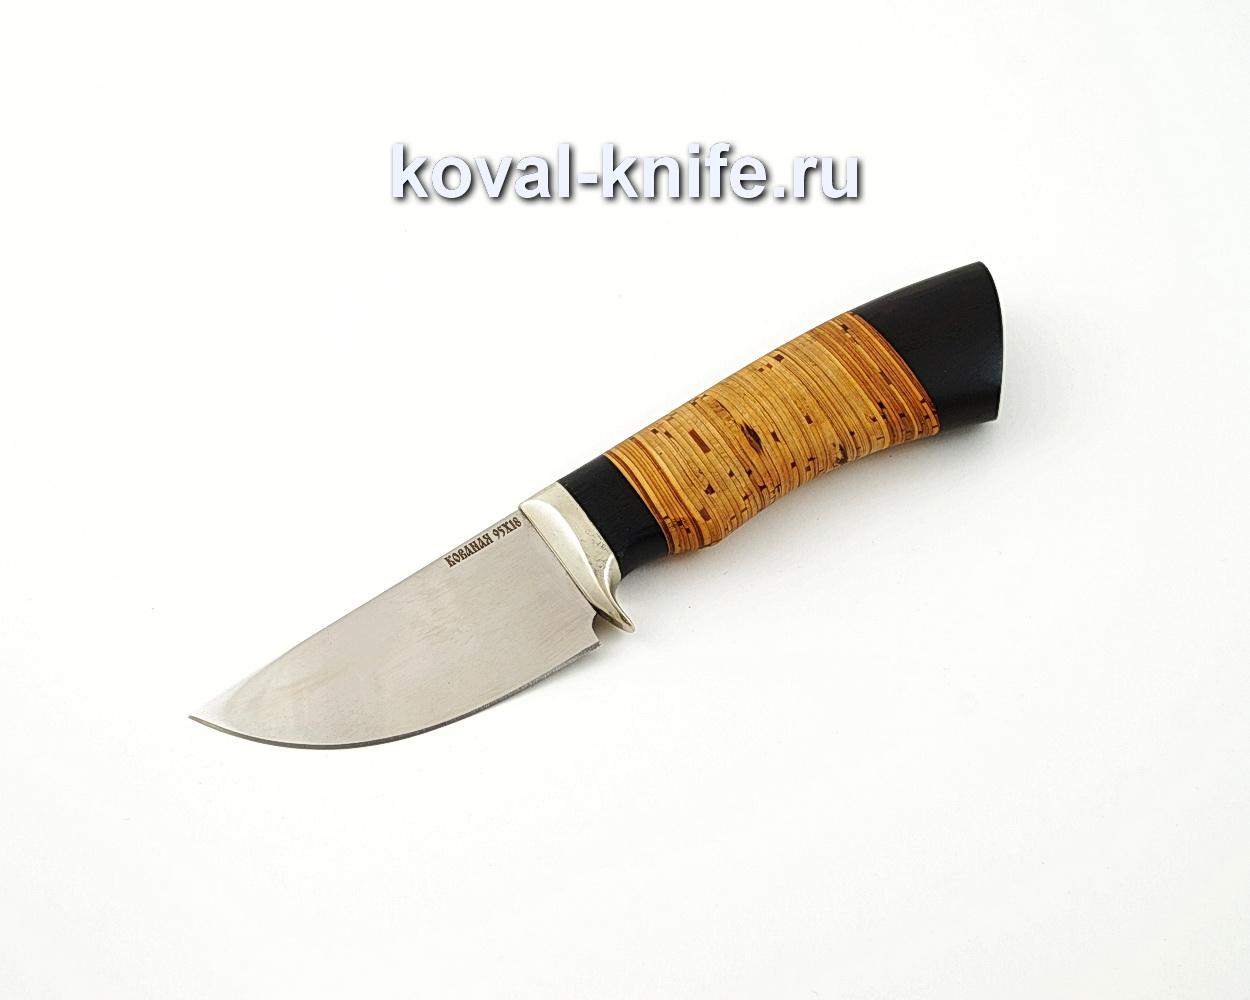 Нож Скин из кованой стали 95х18 с рукоятью из бересты и черного граба A565